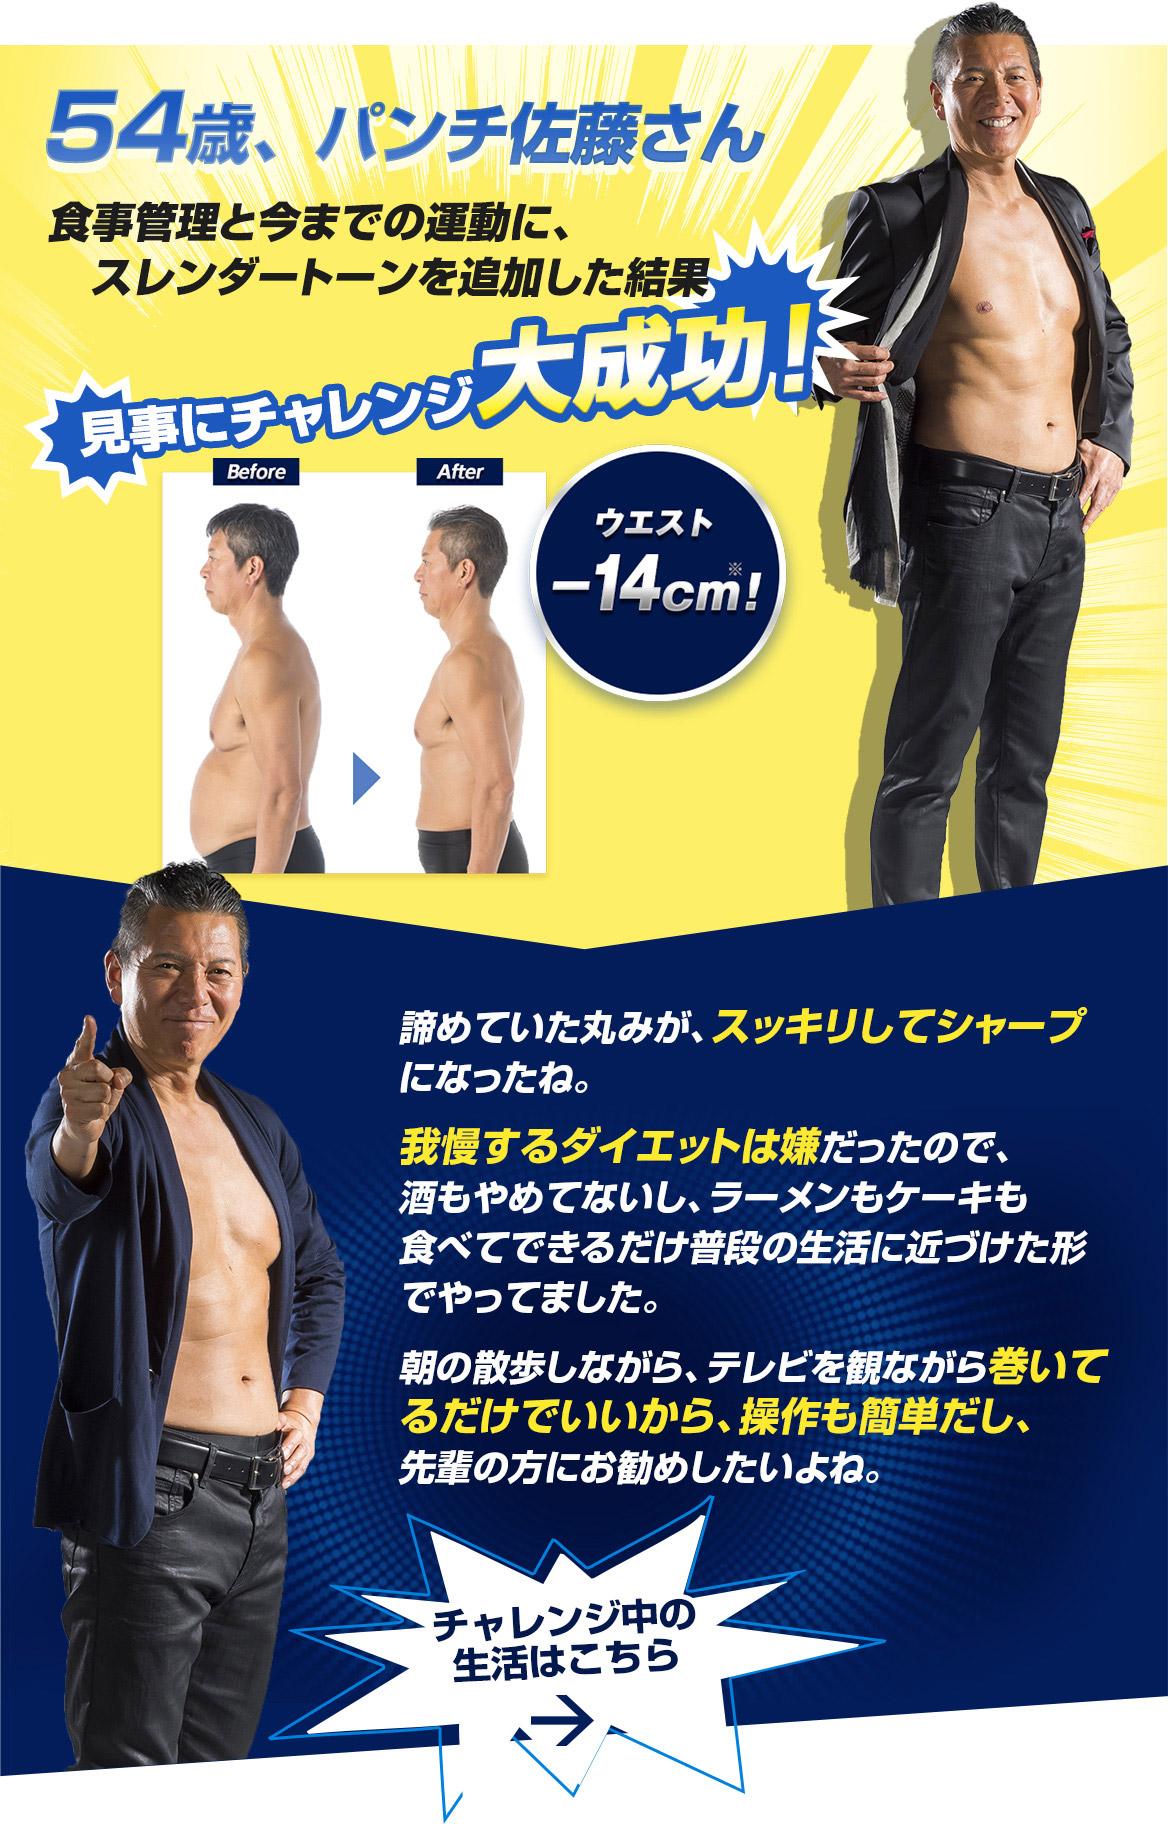 元プロ野球選手 パンチ佐藤さん スレンダートーン1ヶ月チャレンジ